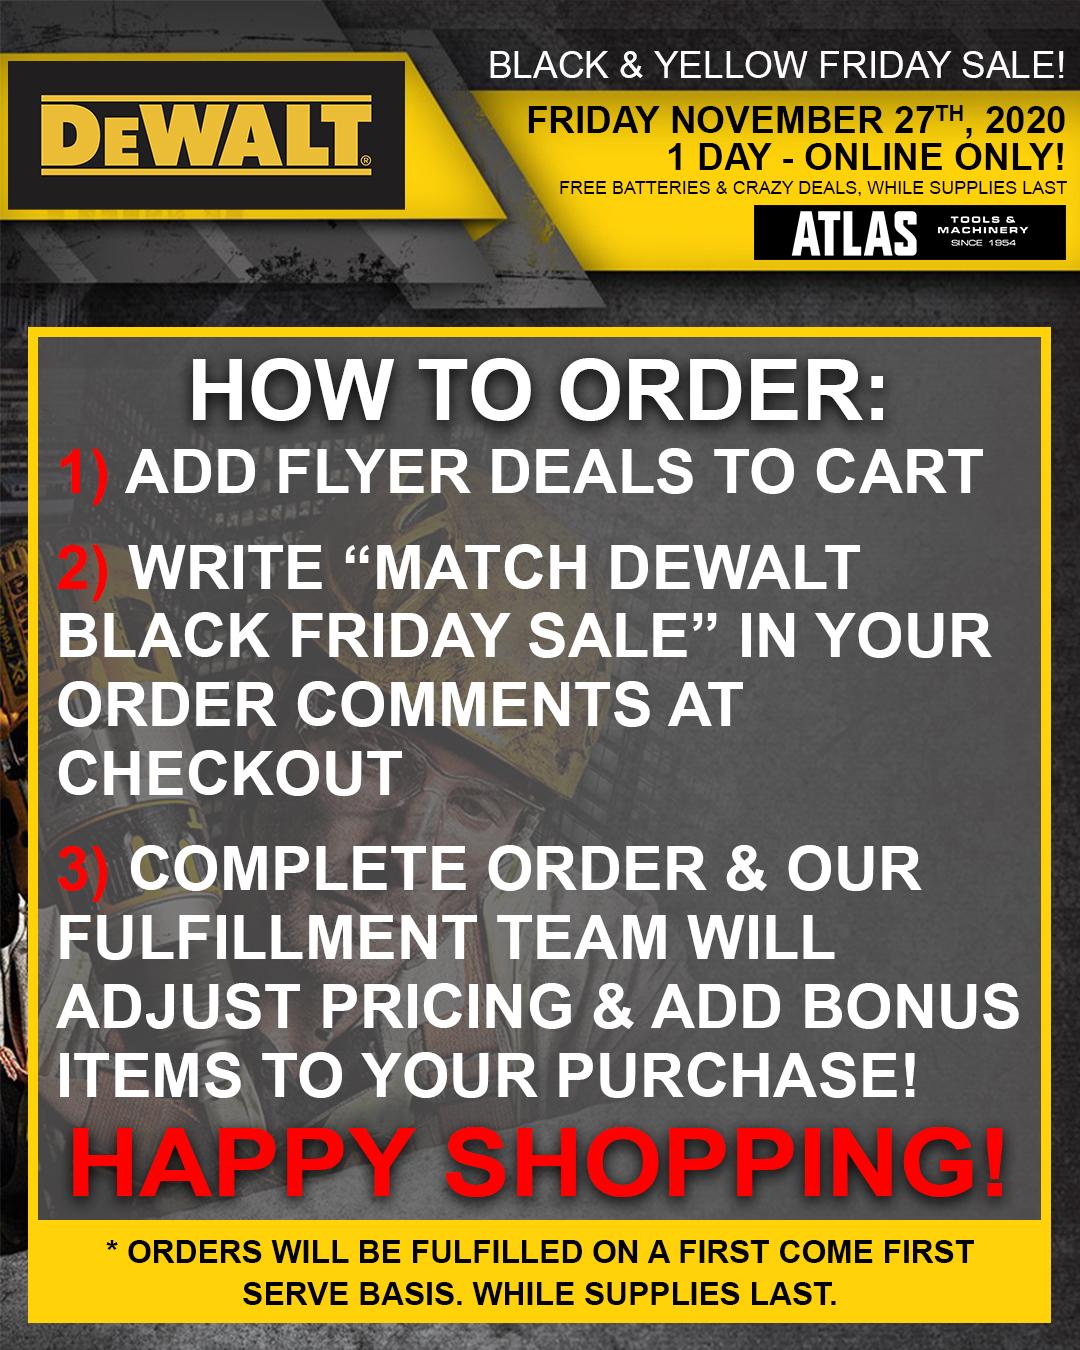 how-to-order-dewalt-b-y-friday-fb-insta-flyer-pages-ads.jpg